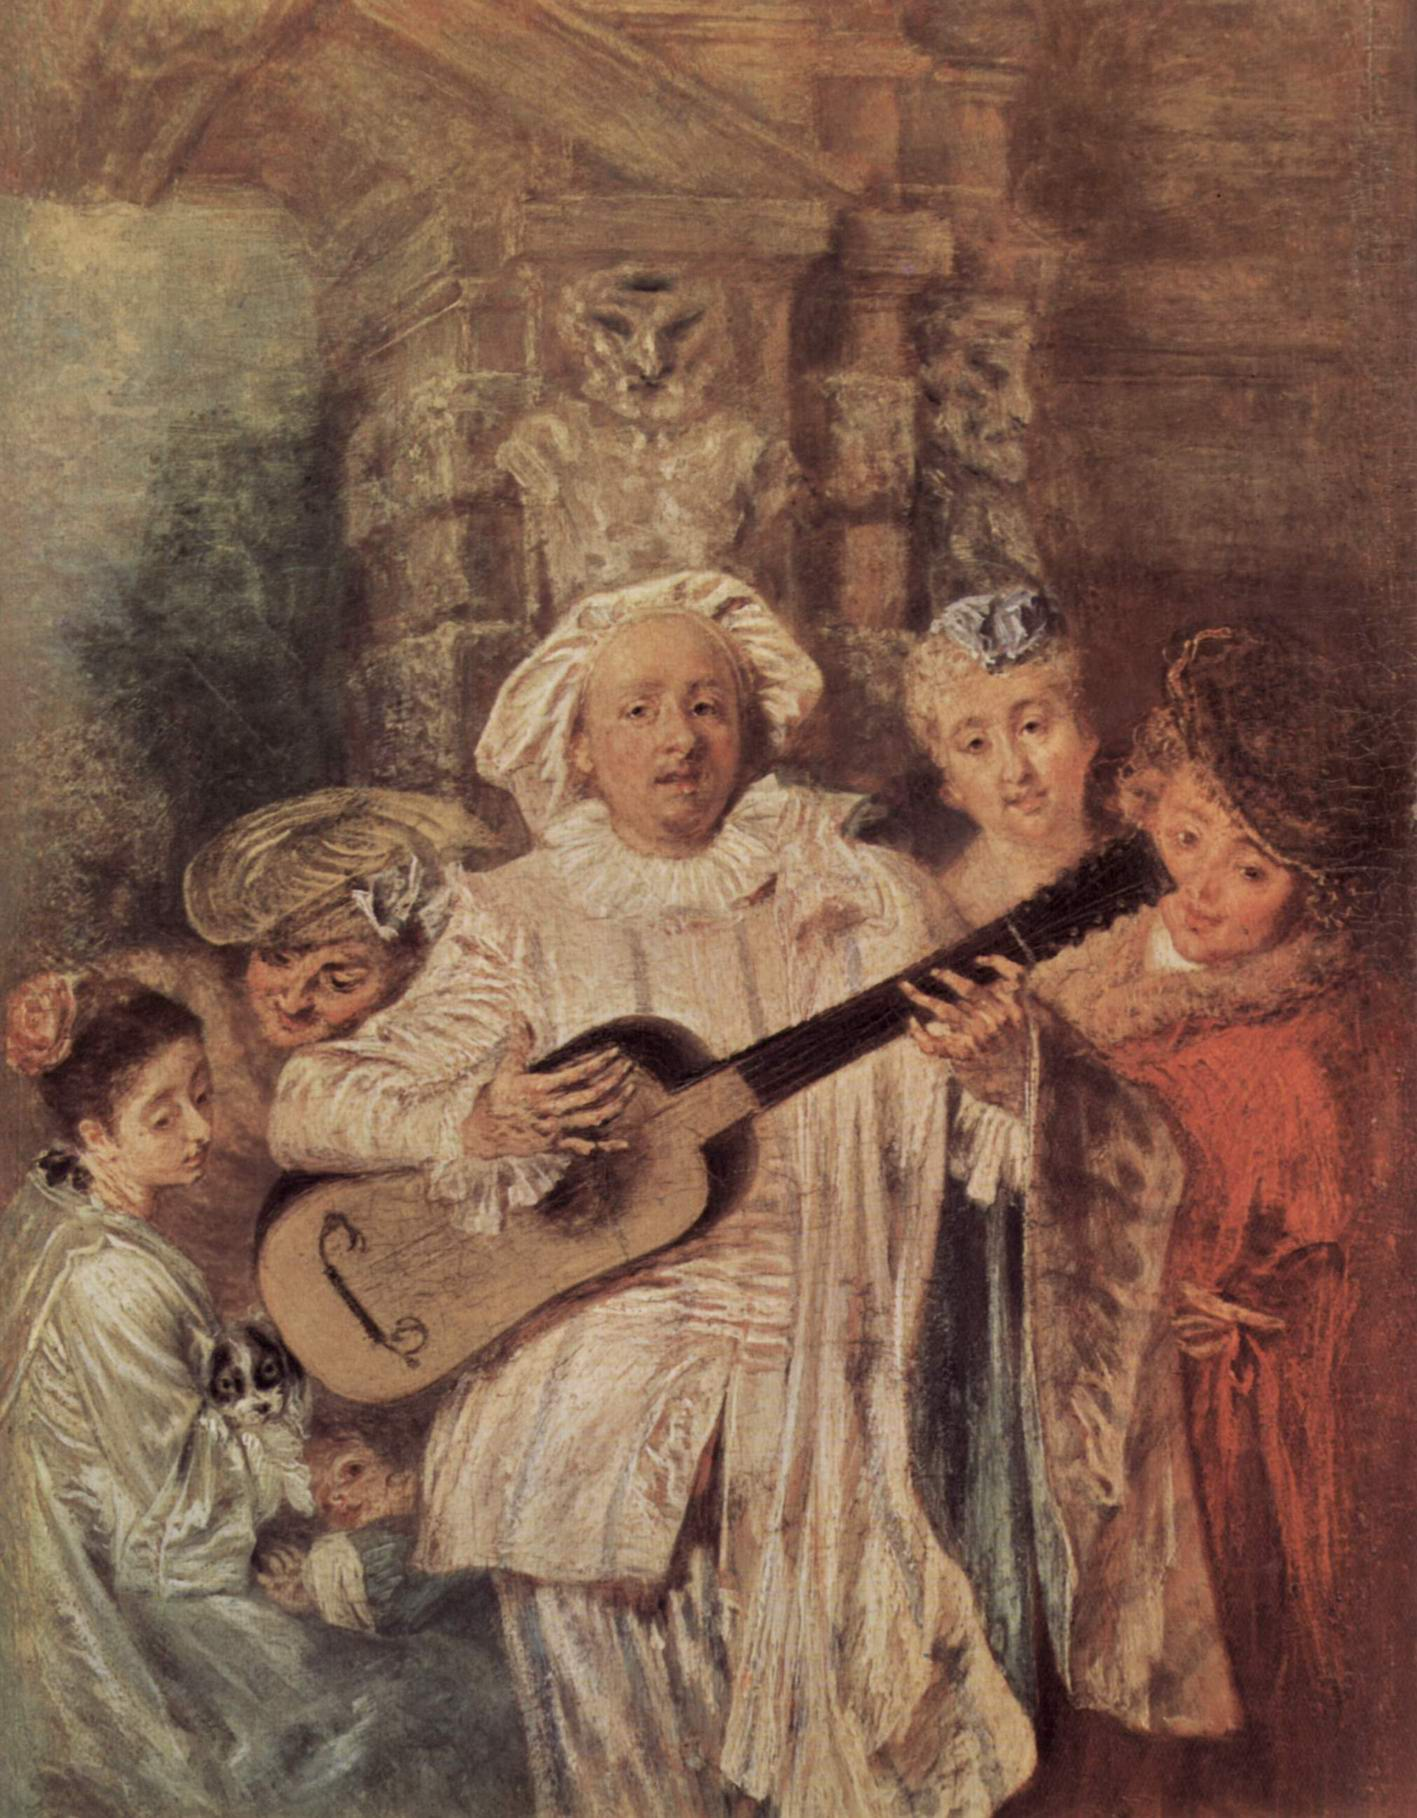 Семейство Медзетен, Ватто Антуан